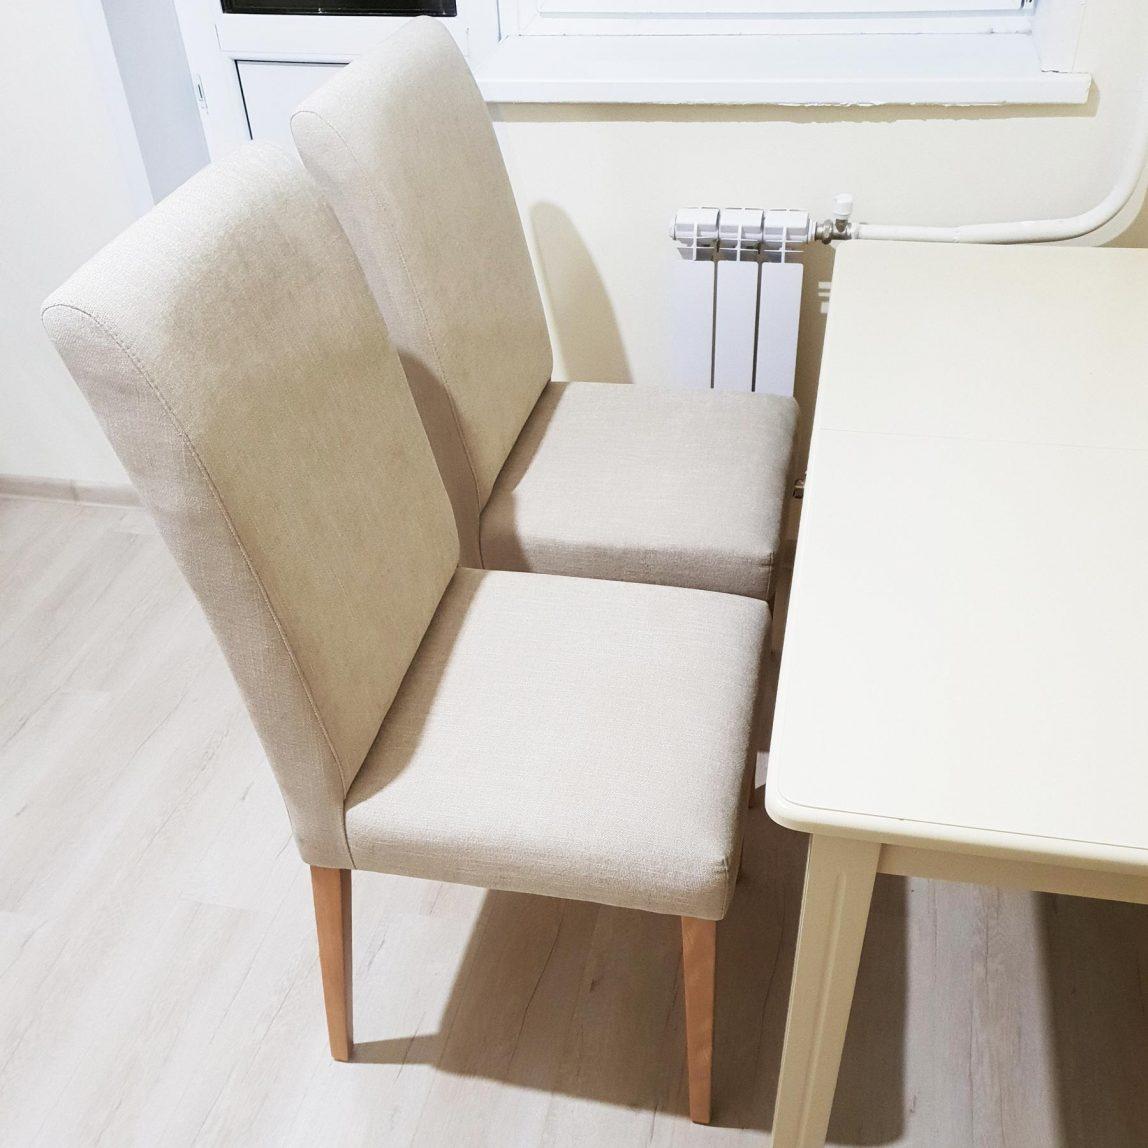 прямой высокий стул